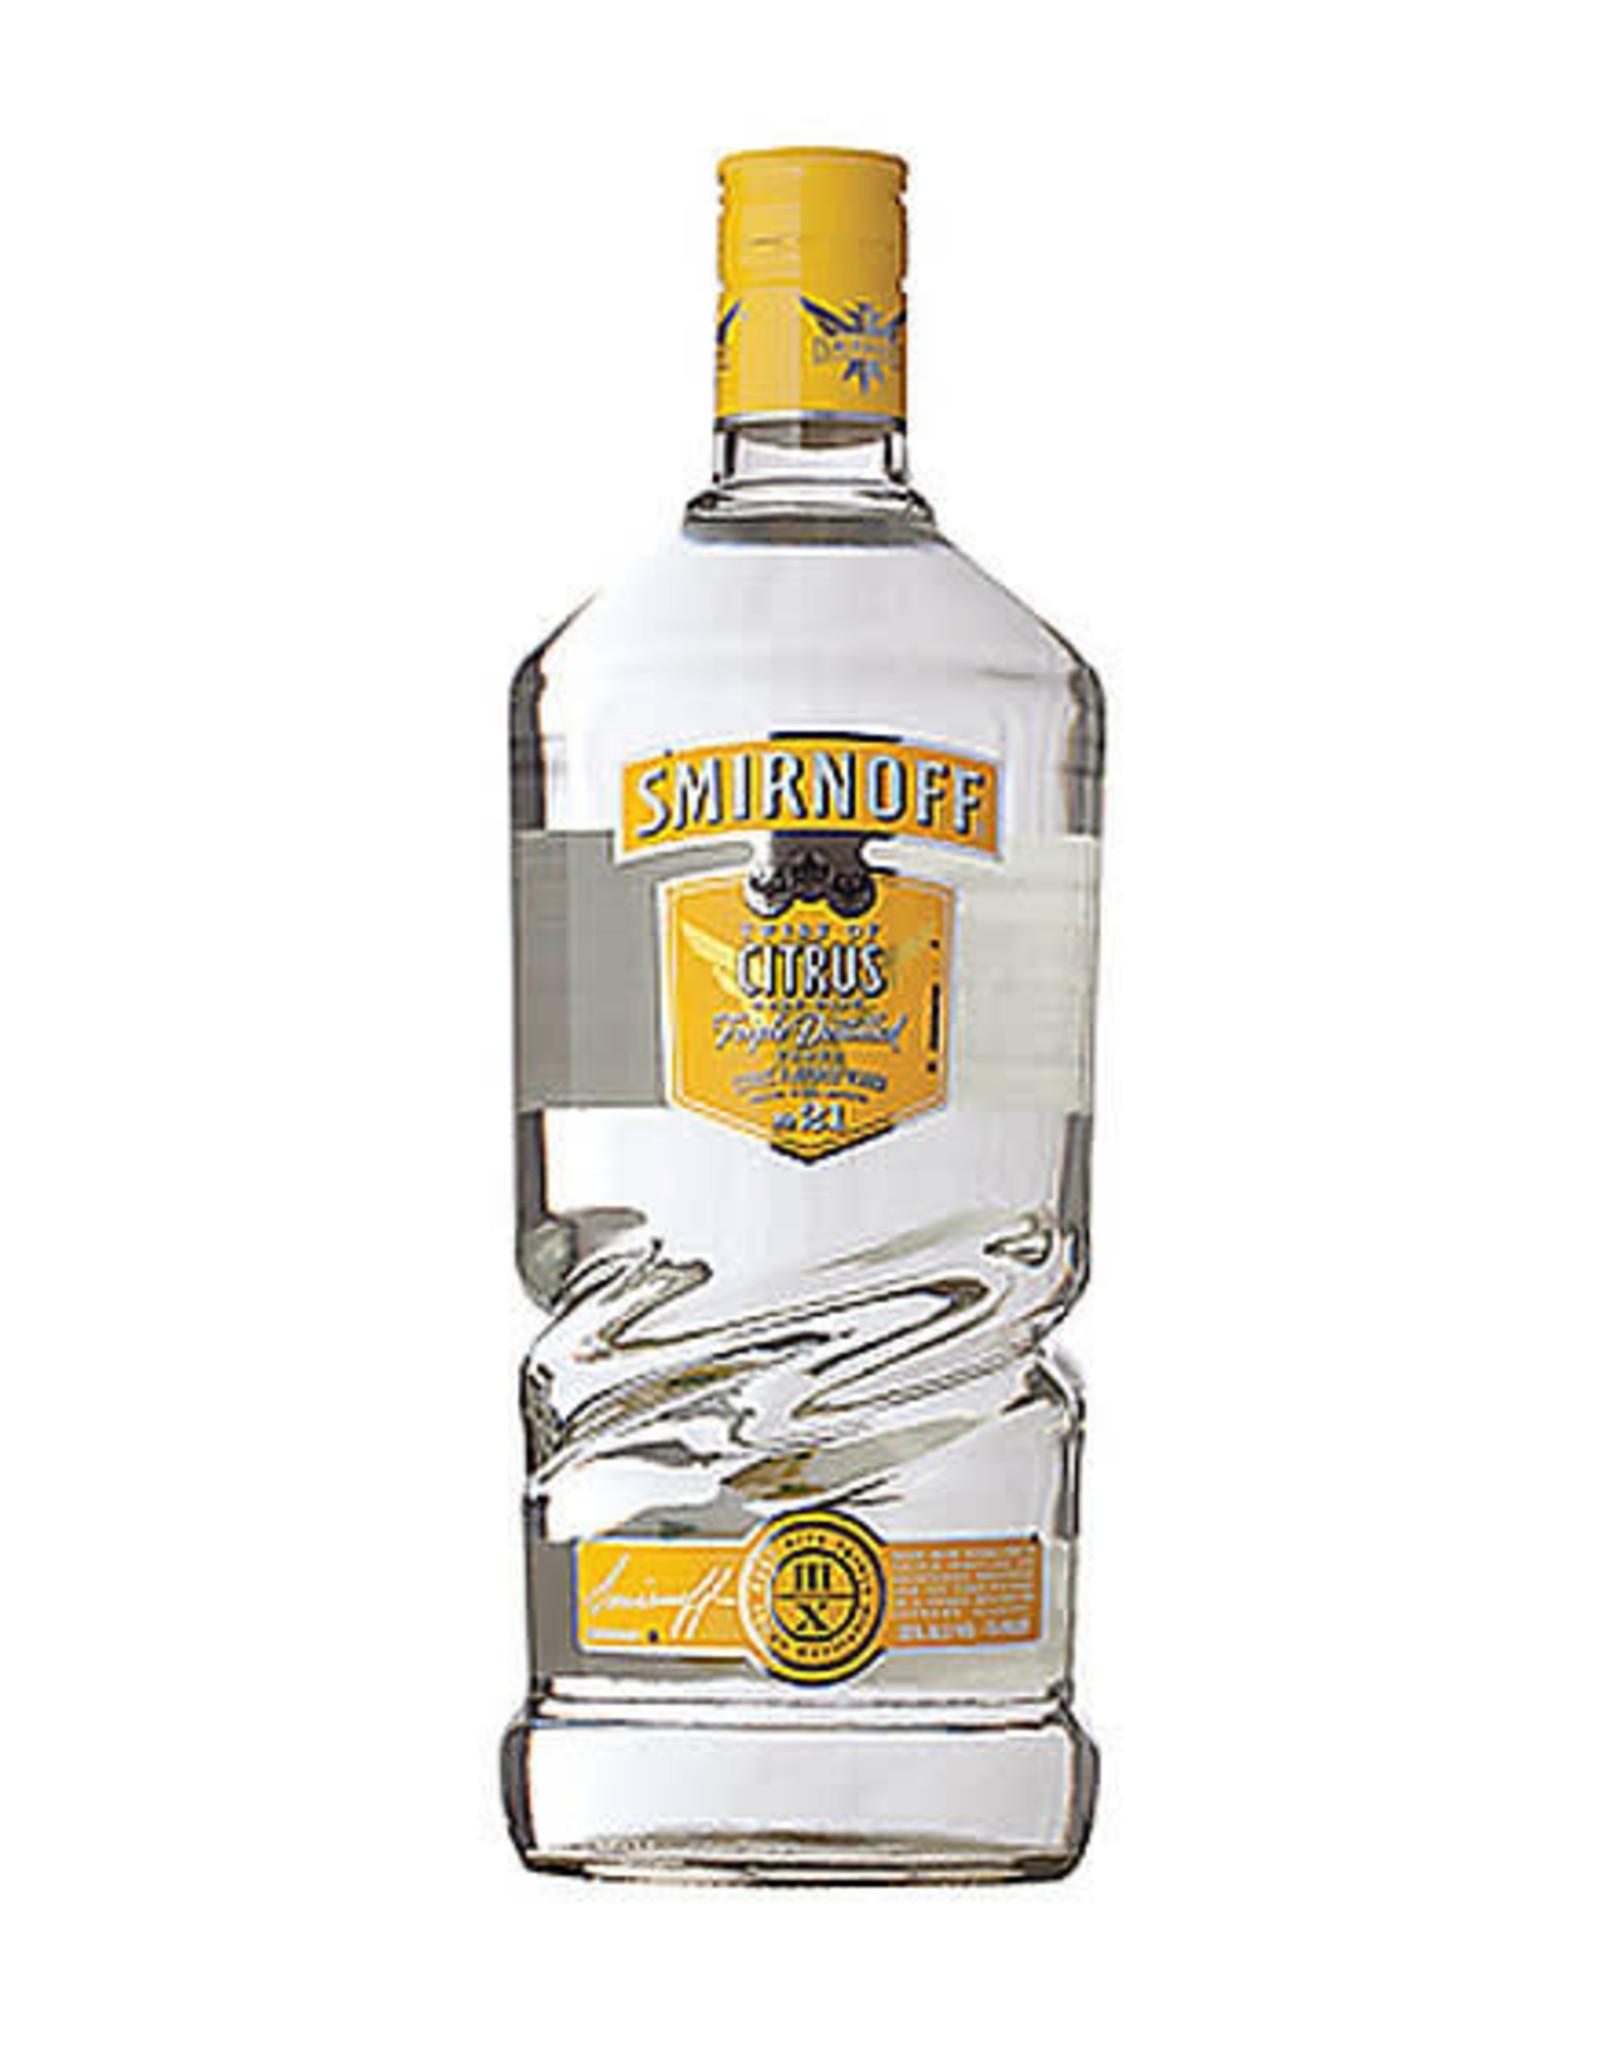 SMIRNOFF CITRUS VODKA 1.75L